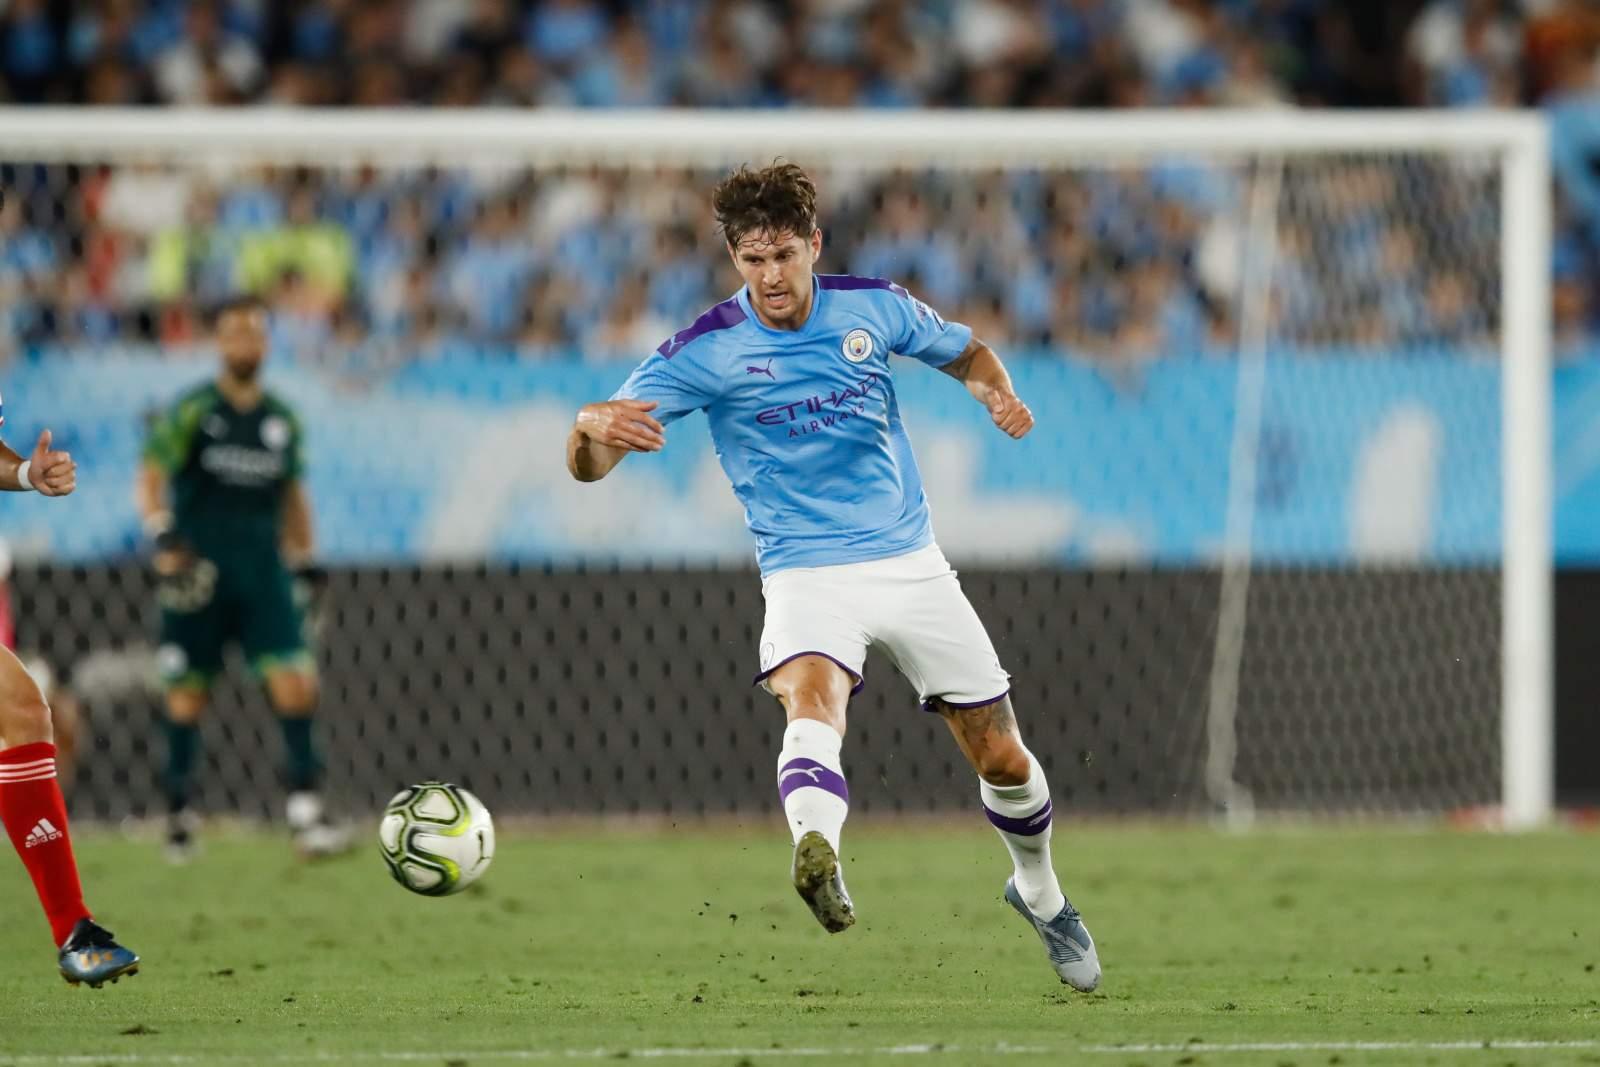 Стоунс забил первый гол за «Манчестер Сити» в АПЛ